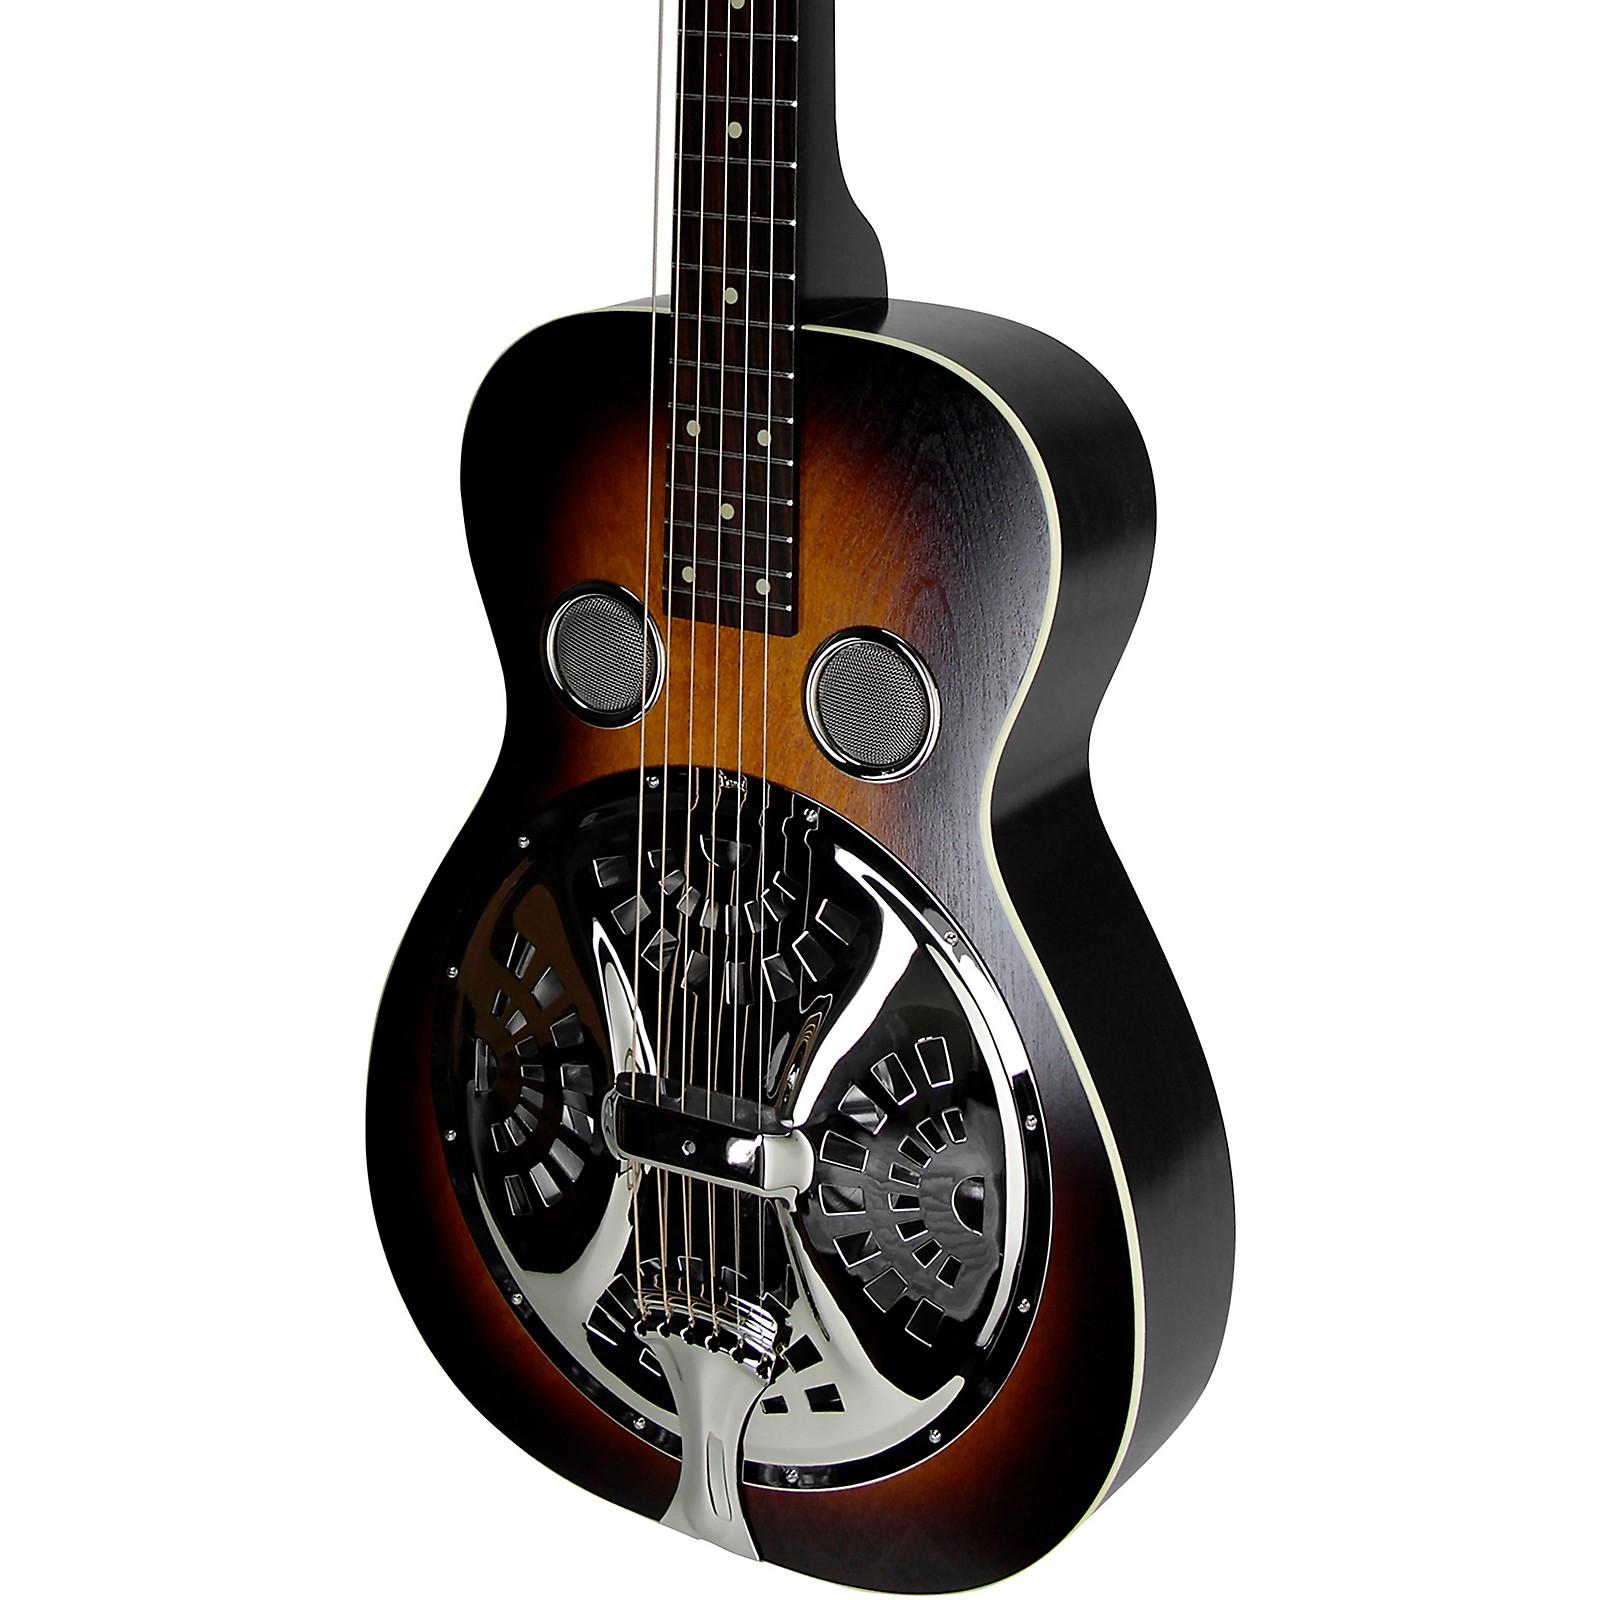 Beard Guitars Deco Phonic Model 27 Squareneck Resonator Guitar